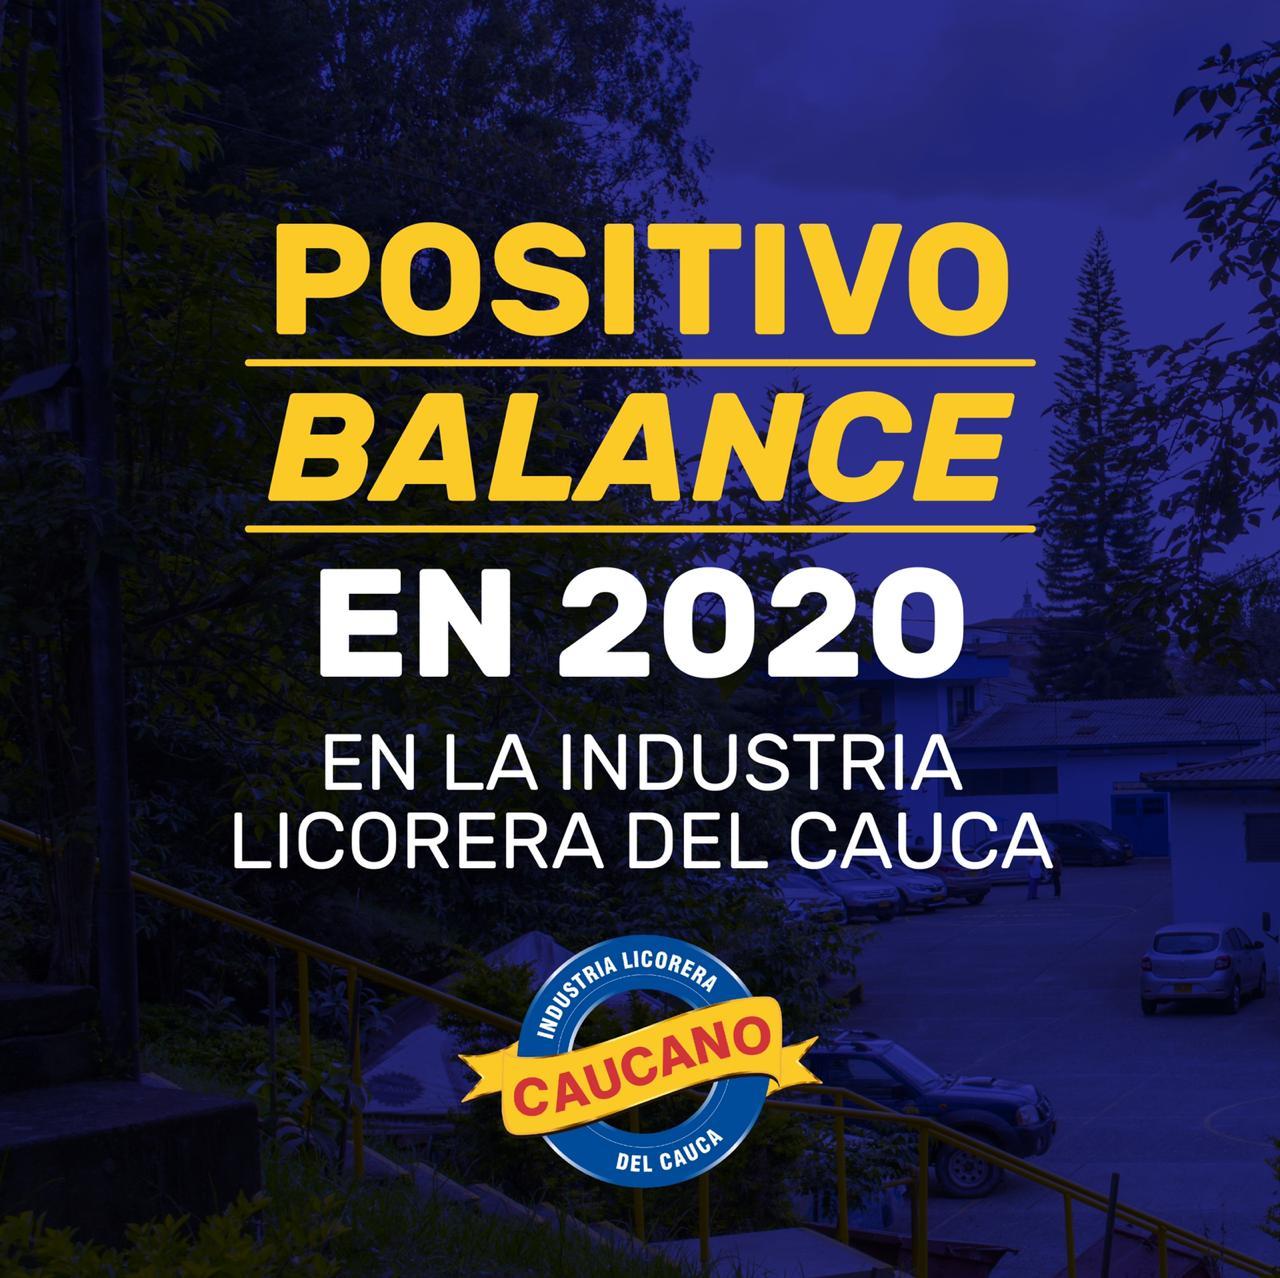 Positivo balance en 2020 en la Industria Licorera del Cauca